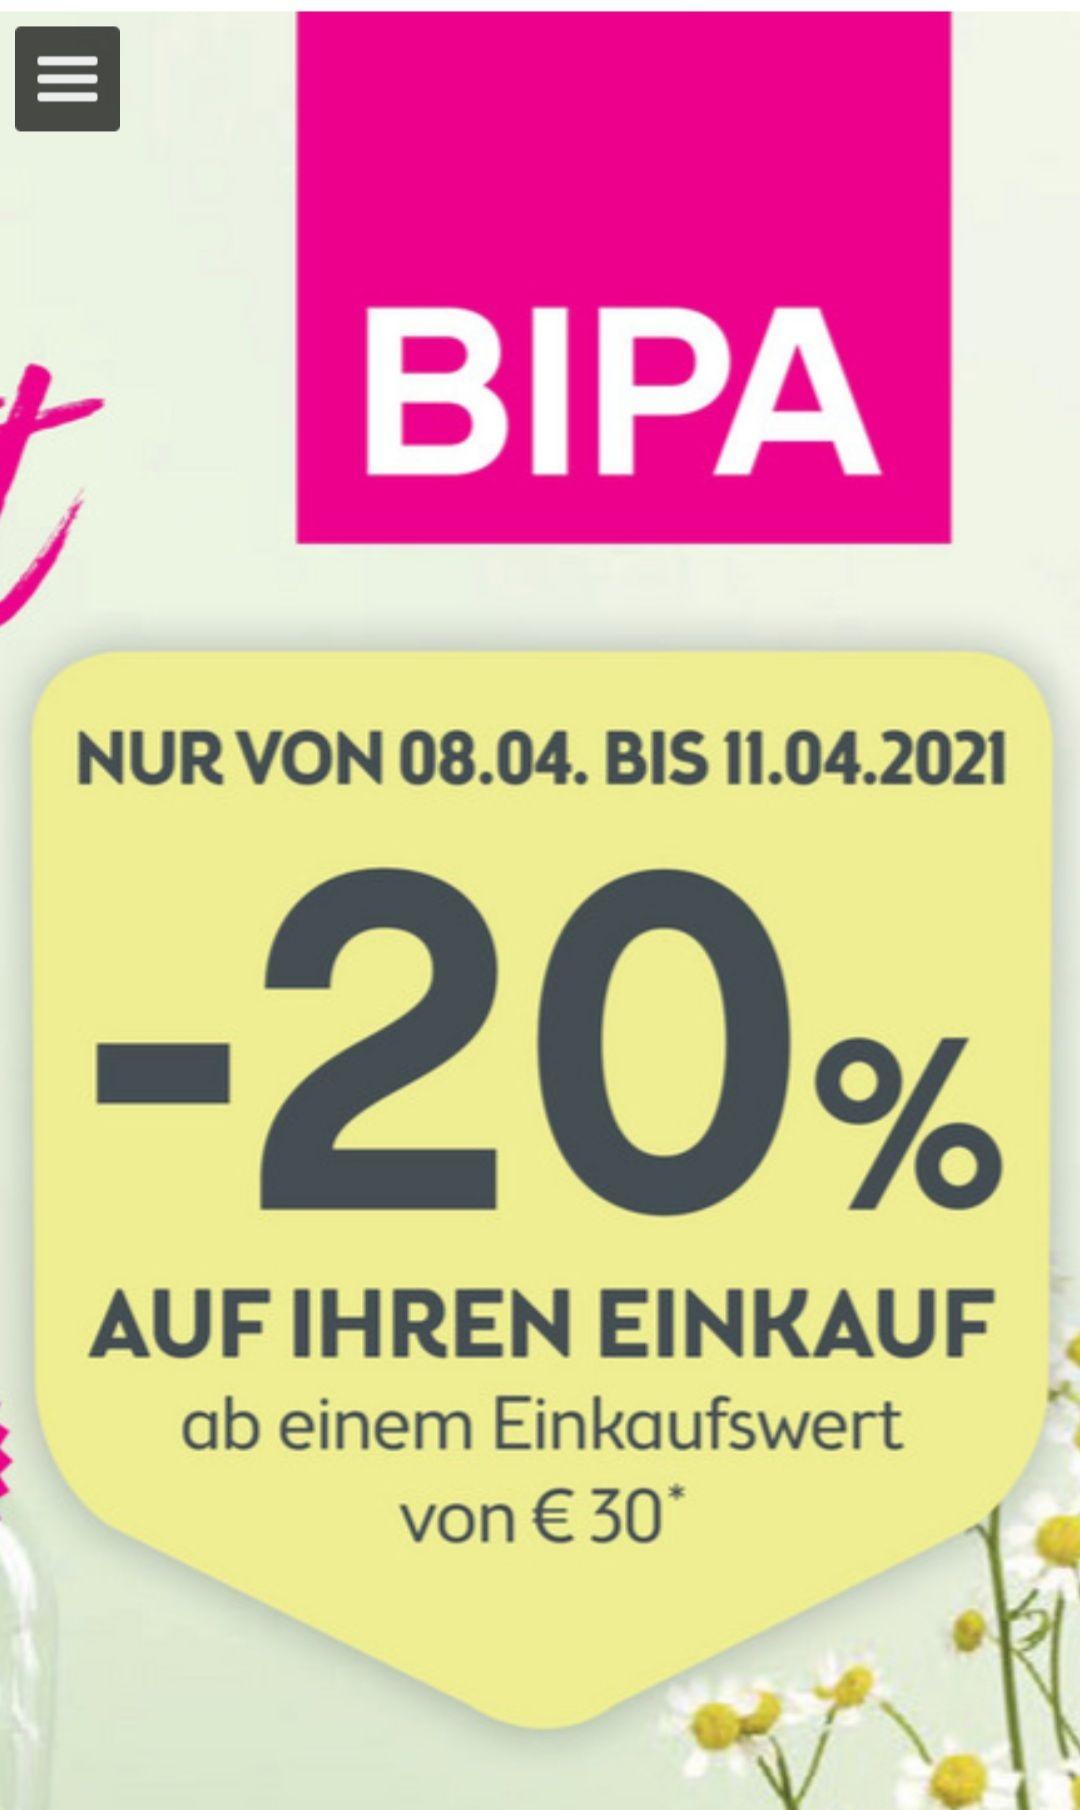 -20% auf den Einkauf beim BIPA ab MBW 30€